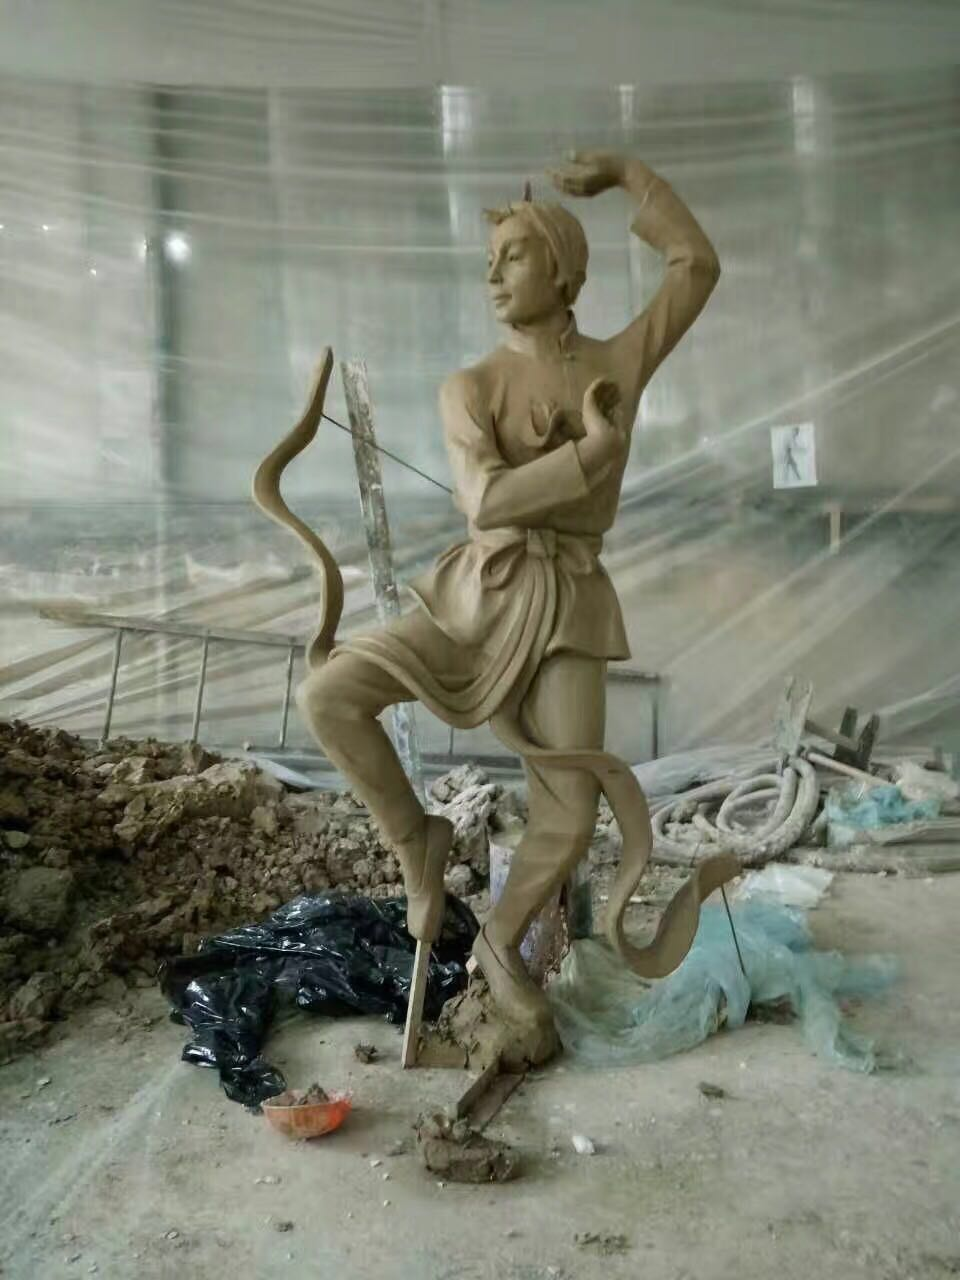 河南供应水泥雕塑制作、水泥雕塑生产厂家、水泥雕塑供应商河南水泥雕